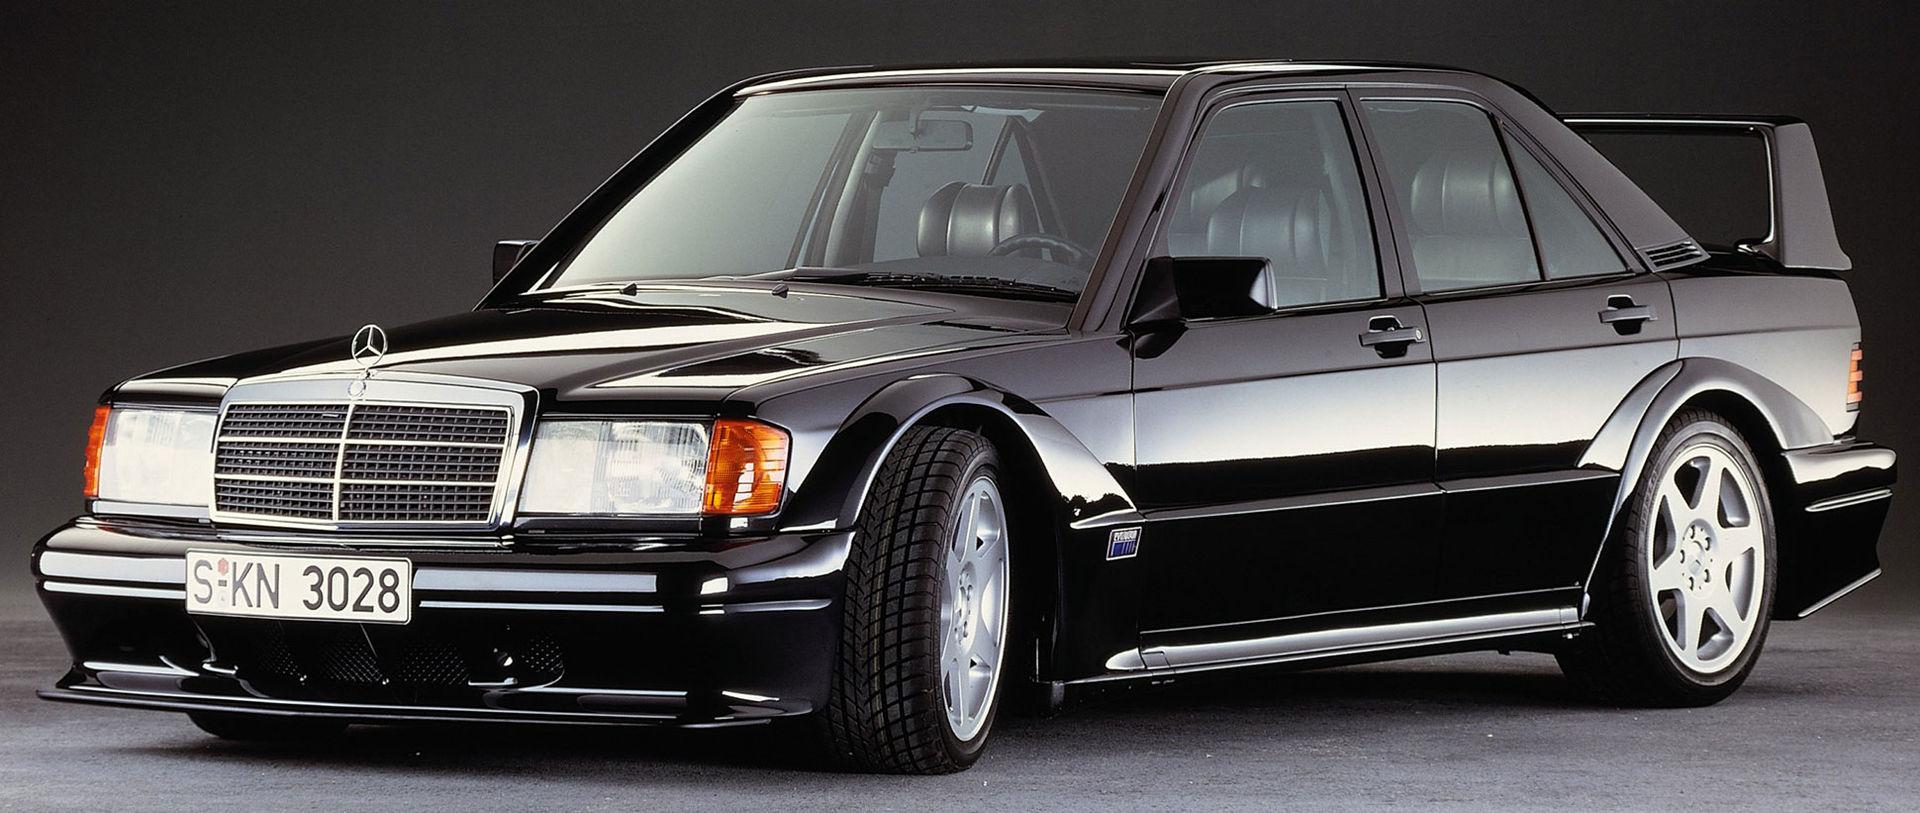 Tut i luren! Mercedes-Benz 190E 2.5-16 Evo II fyller 30 år!